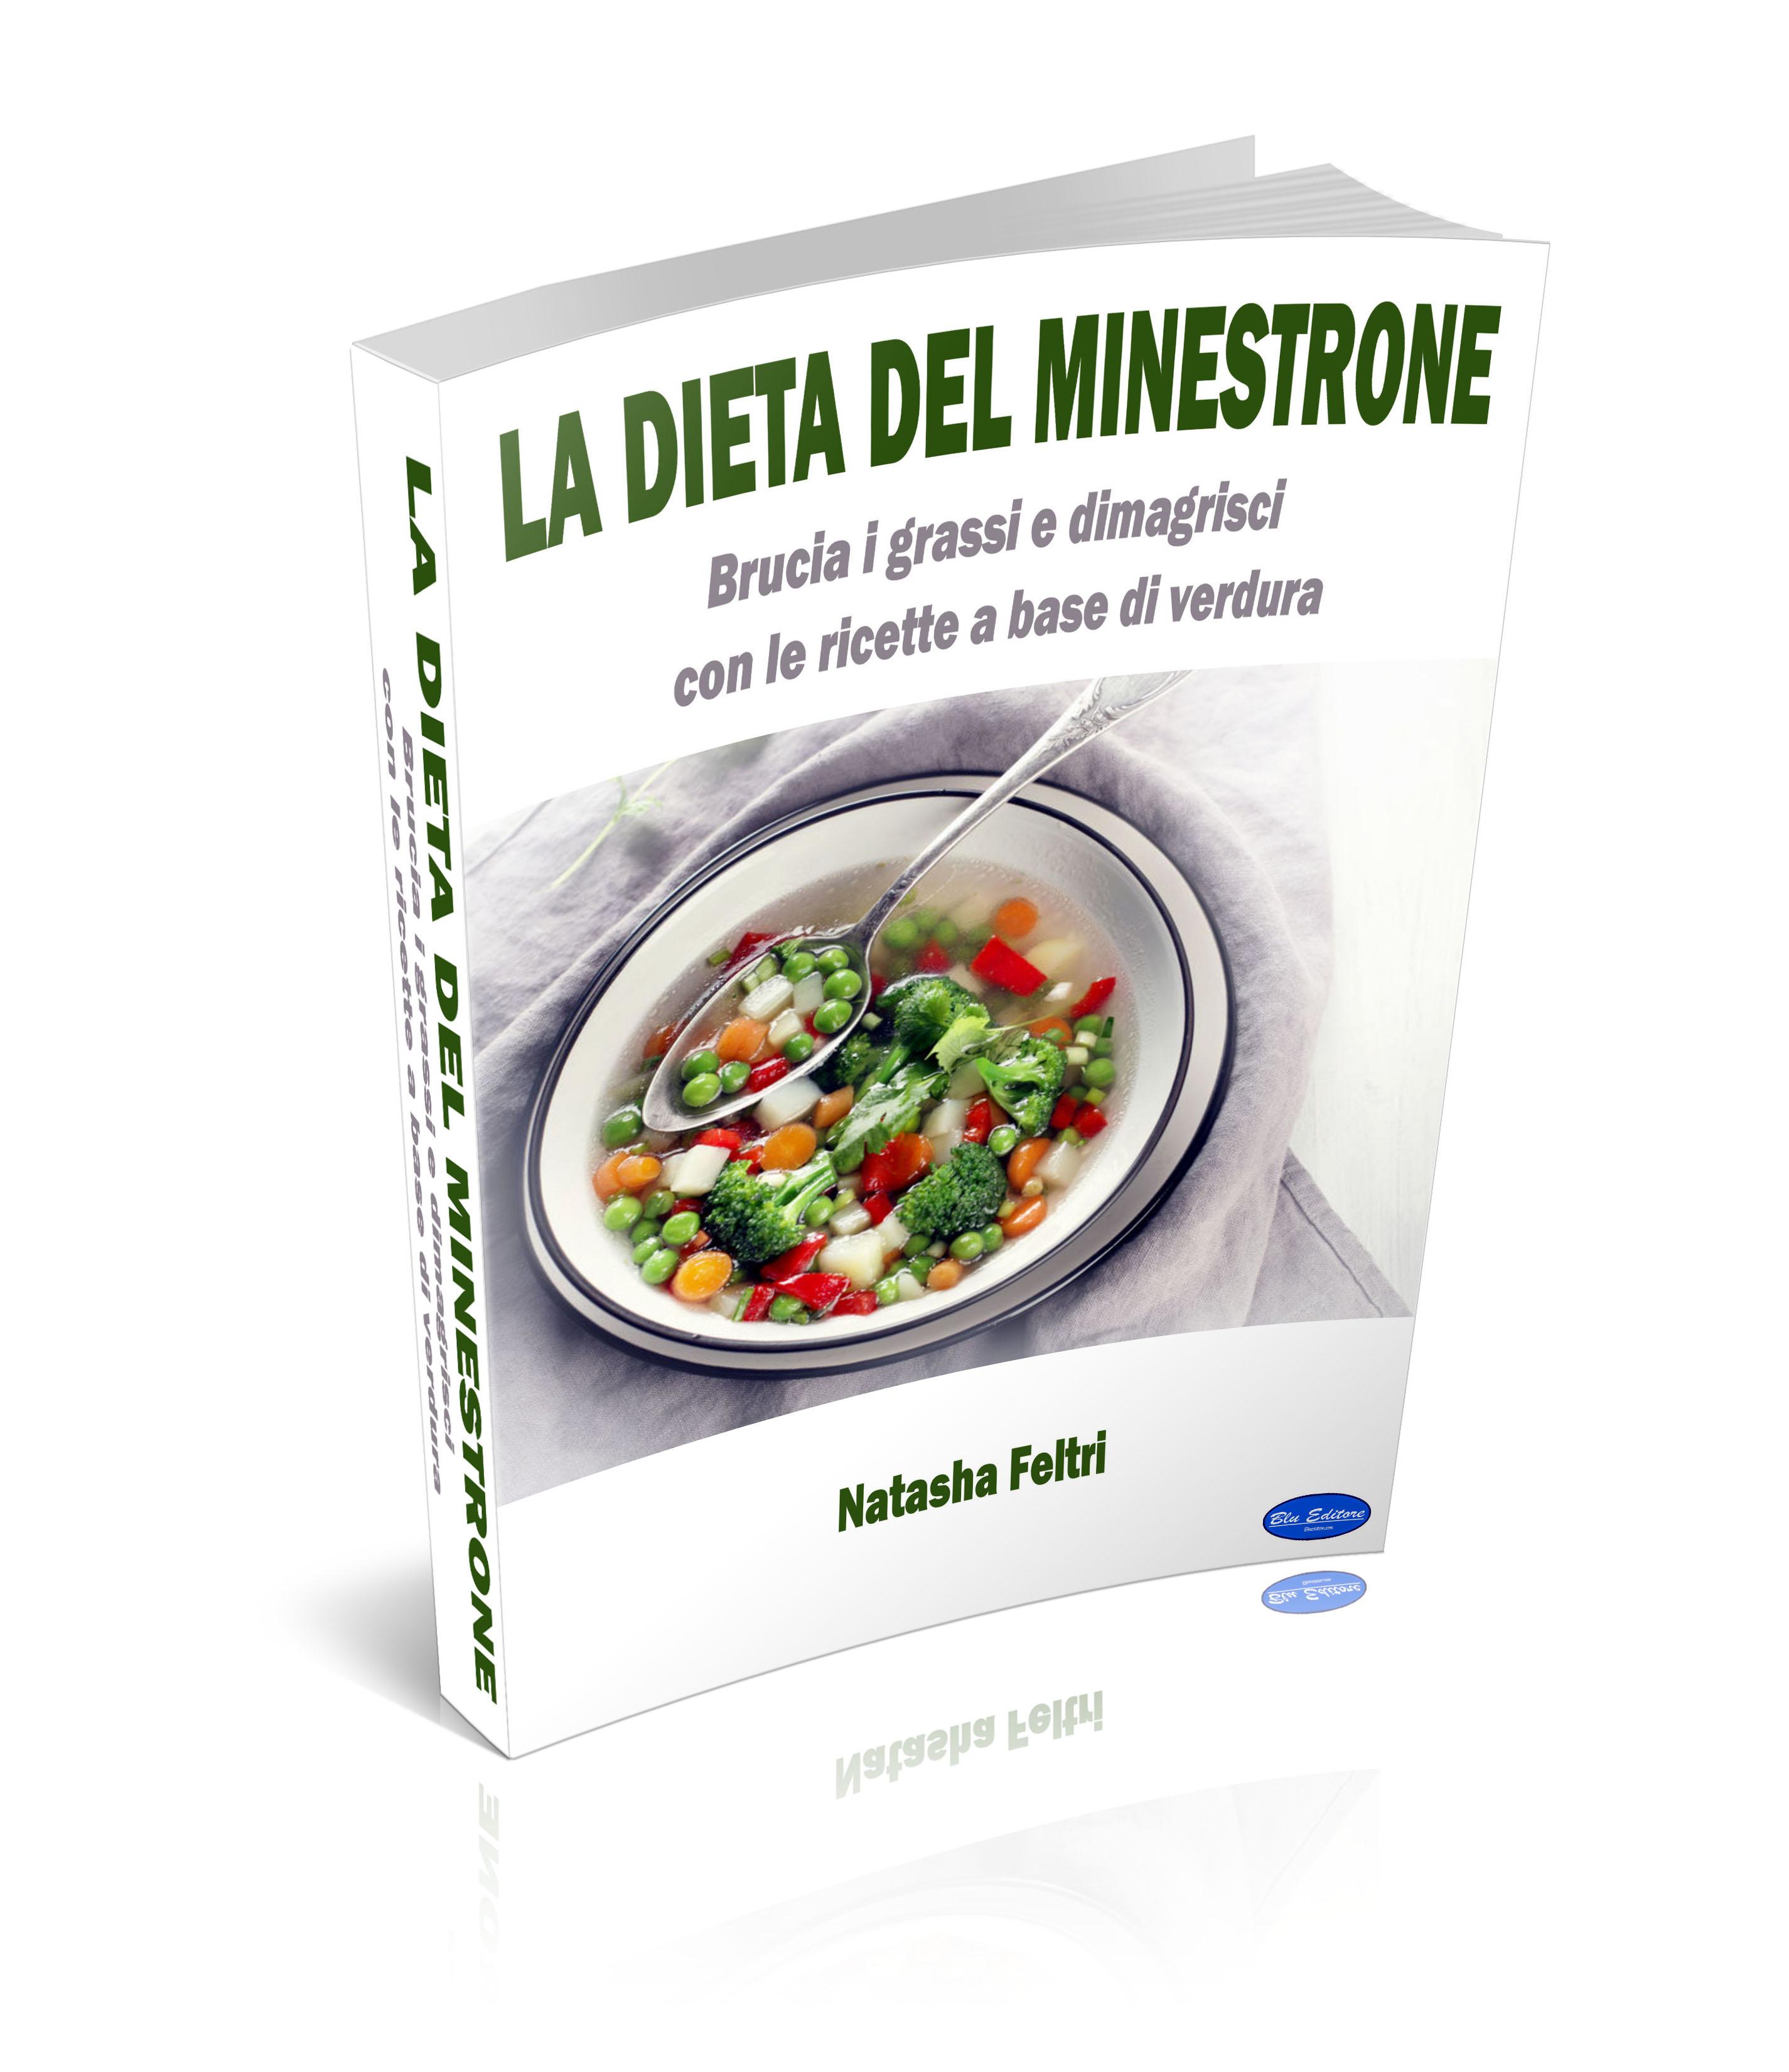 La dieta del minestrone